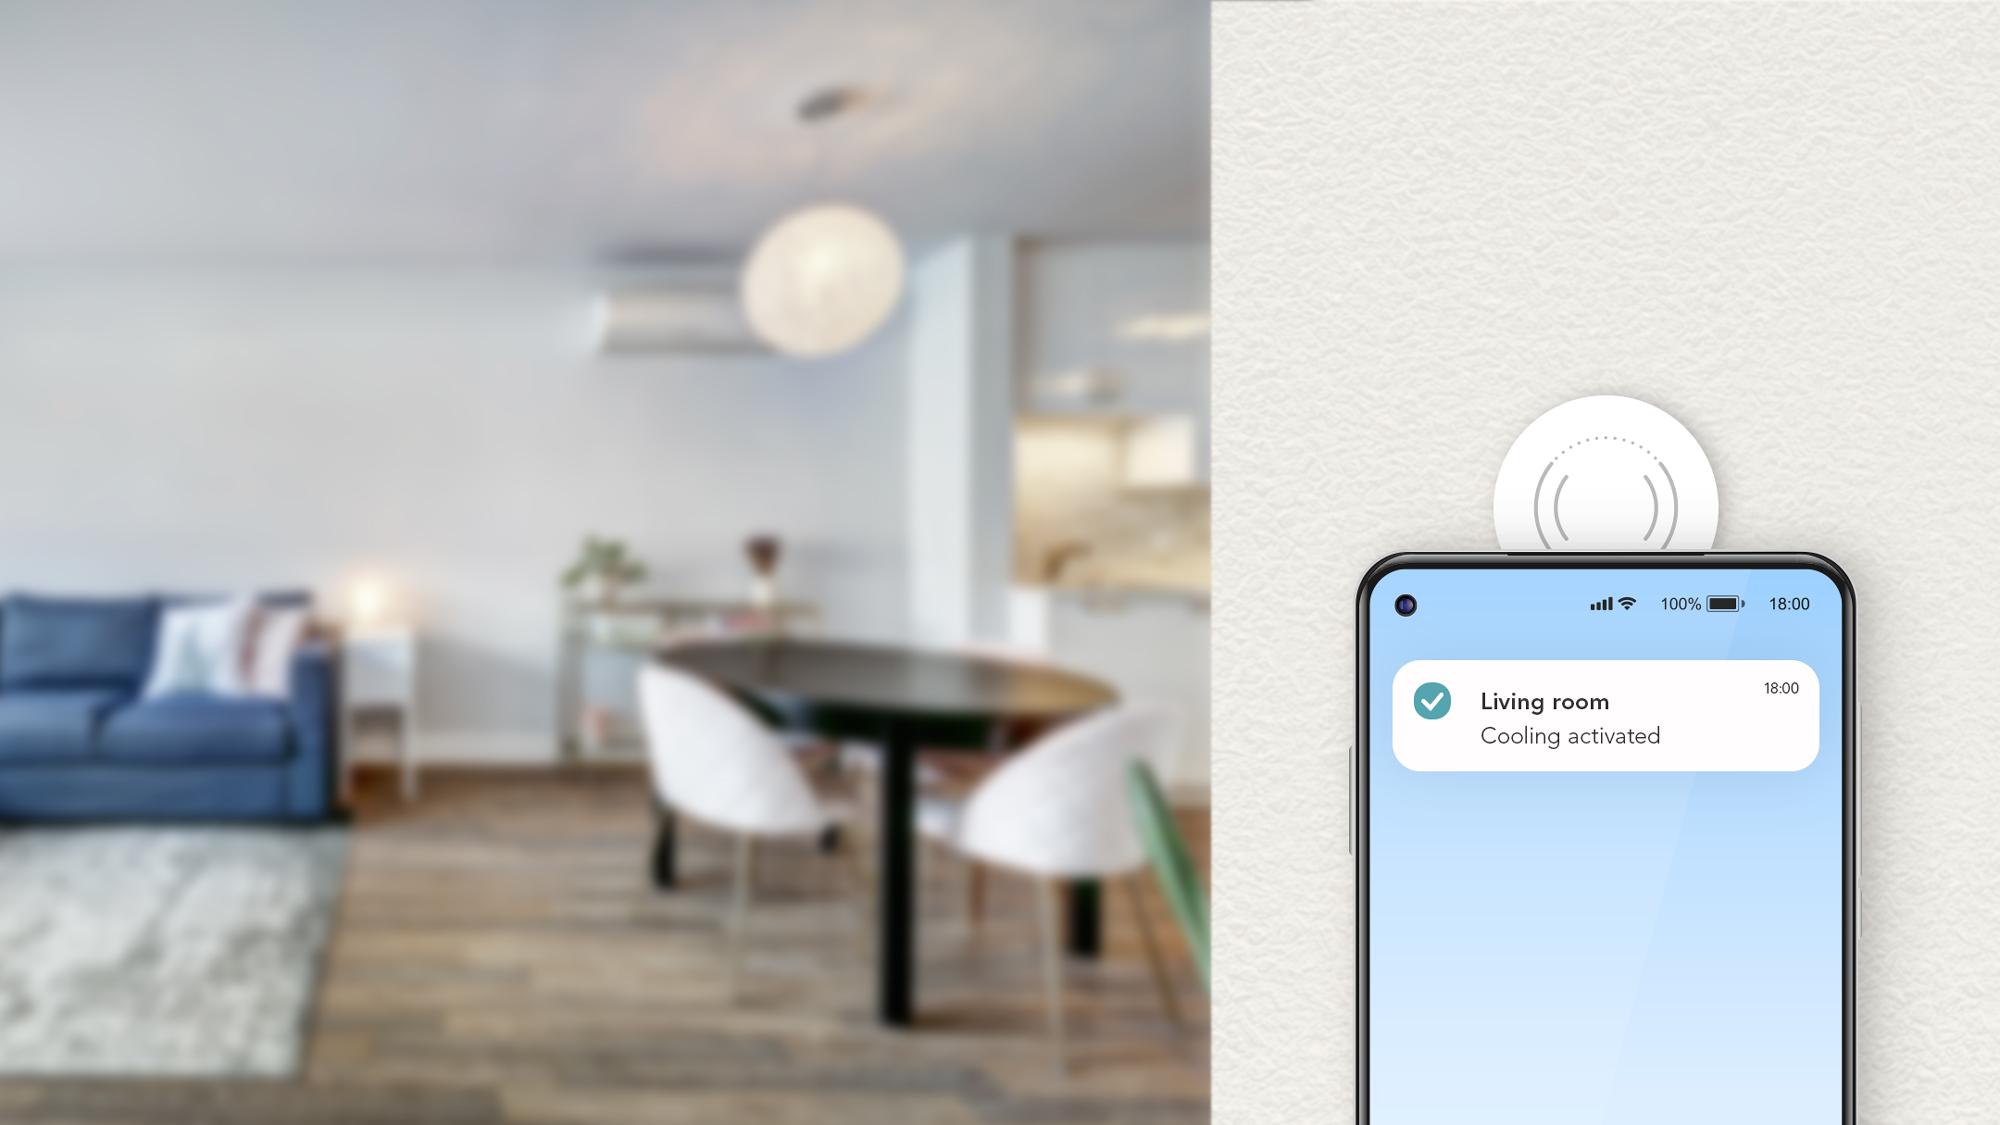 恩智浦助力全新小米碰碰贴2.0,实现智能家居的无缝连接.jpg